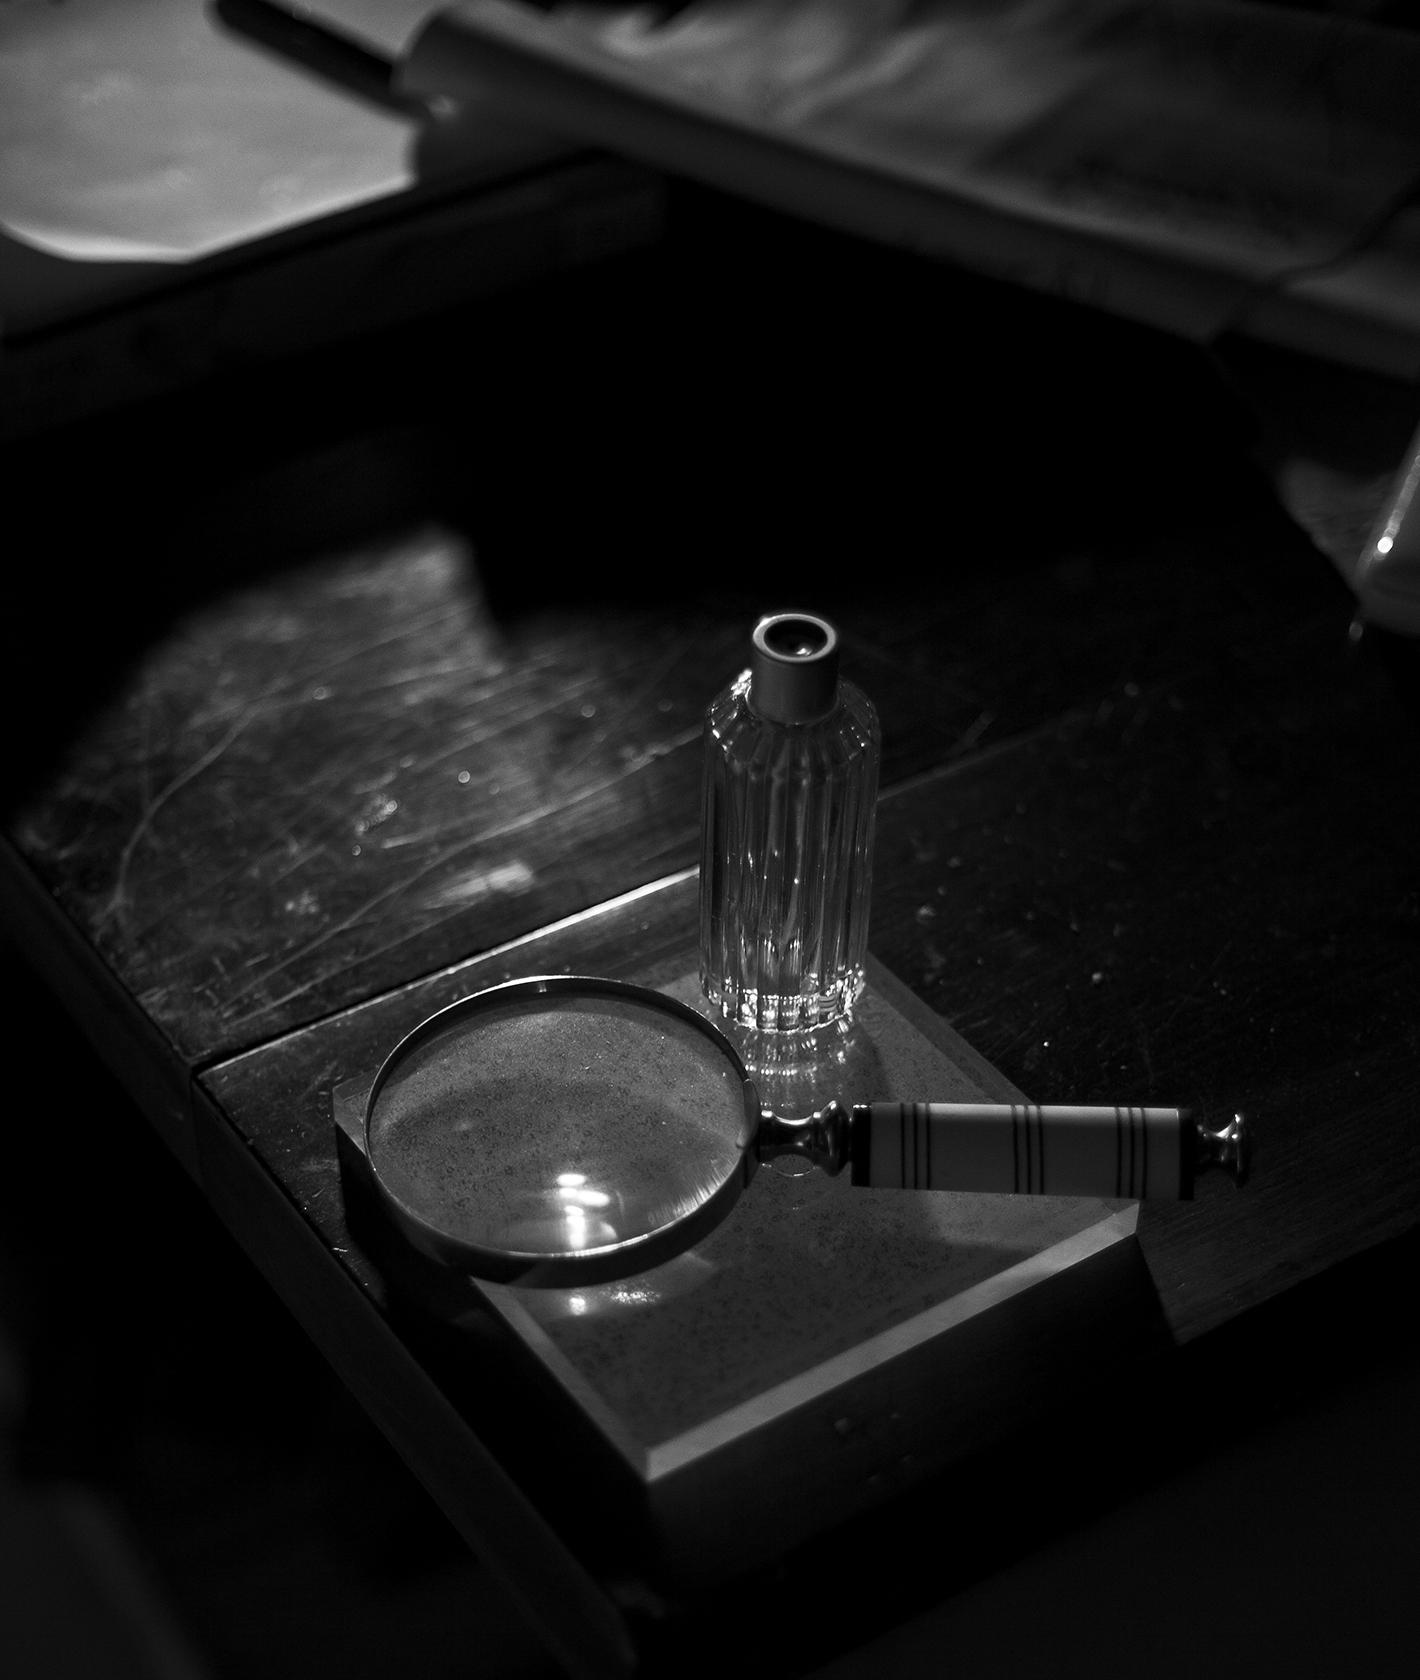 Still_Life_Magnifying Glass-3406.jpg